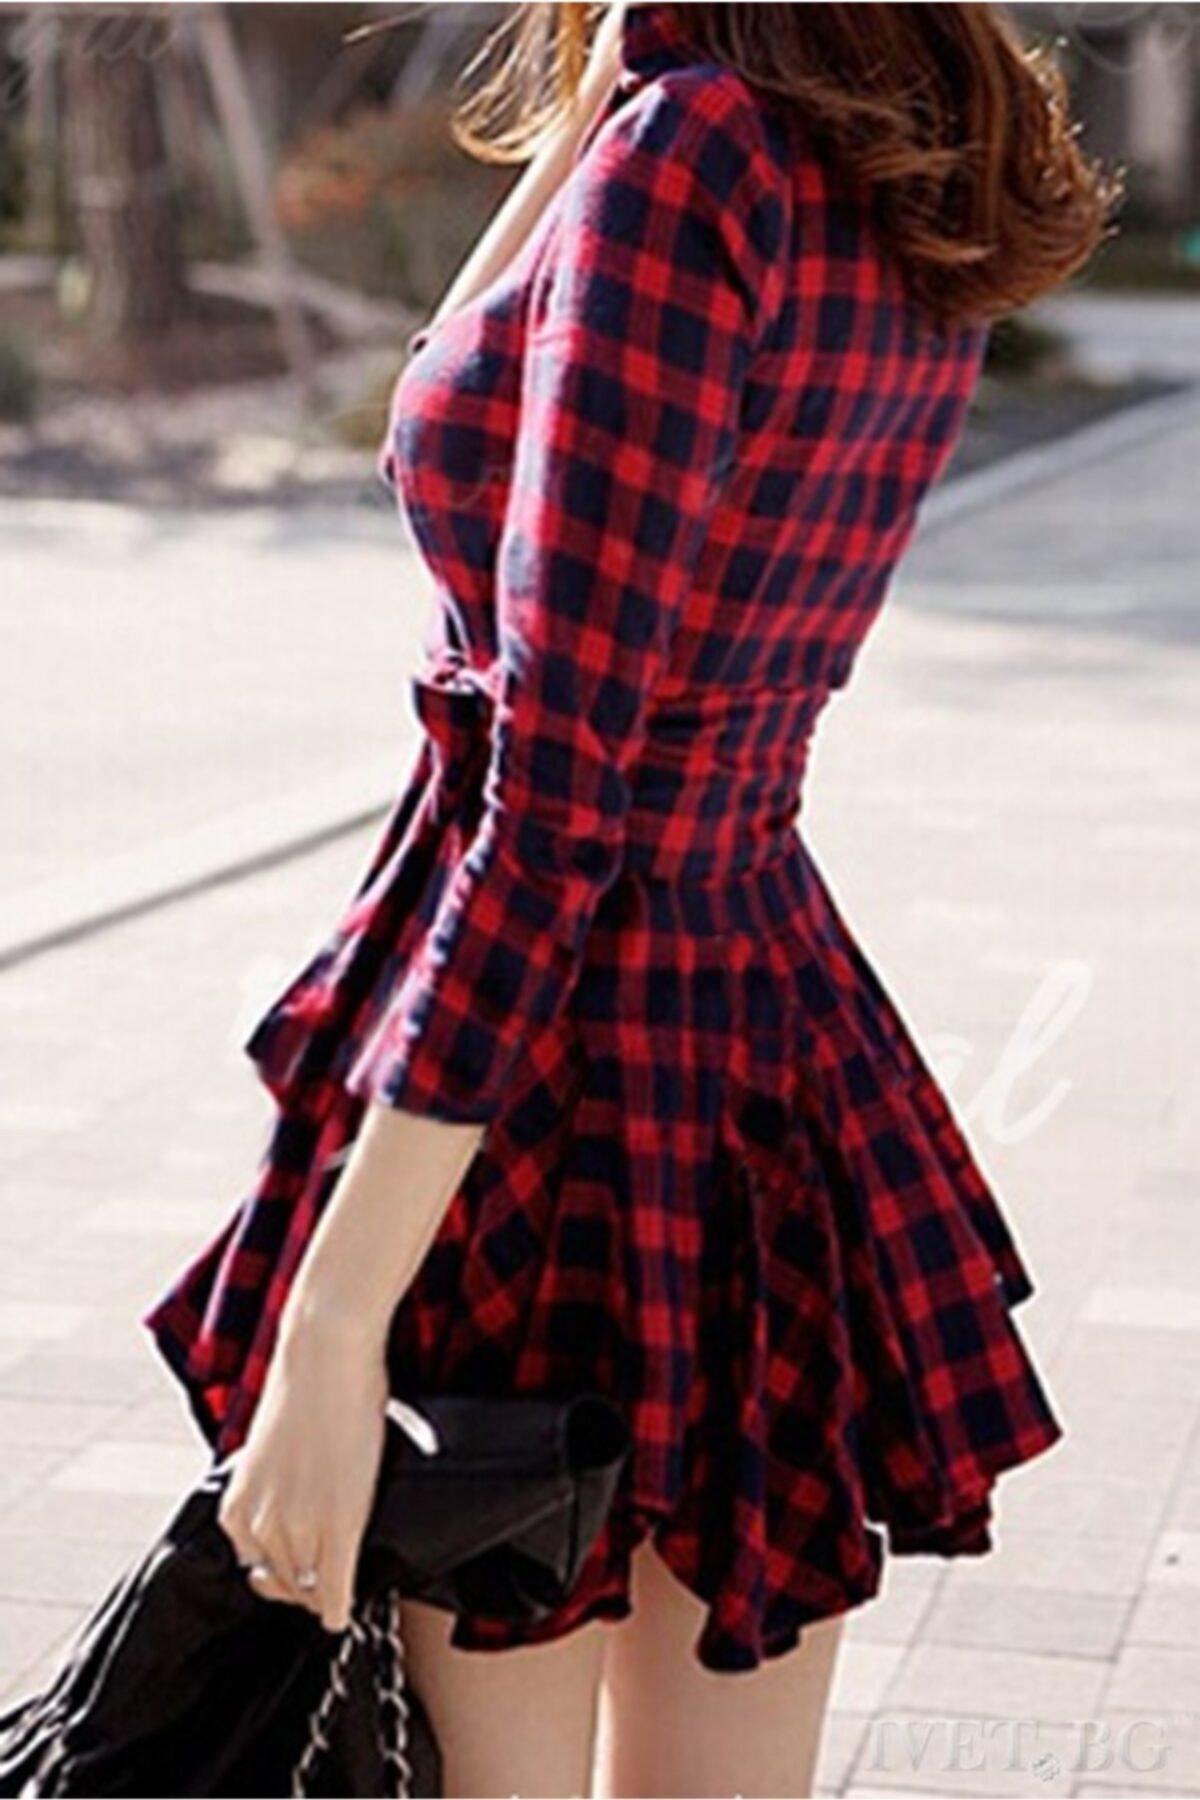 lovebox Kadın Ekose Desenli Kırmızı Tunik Gömlek Elbise 2